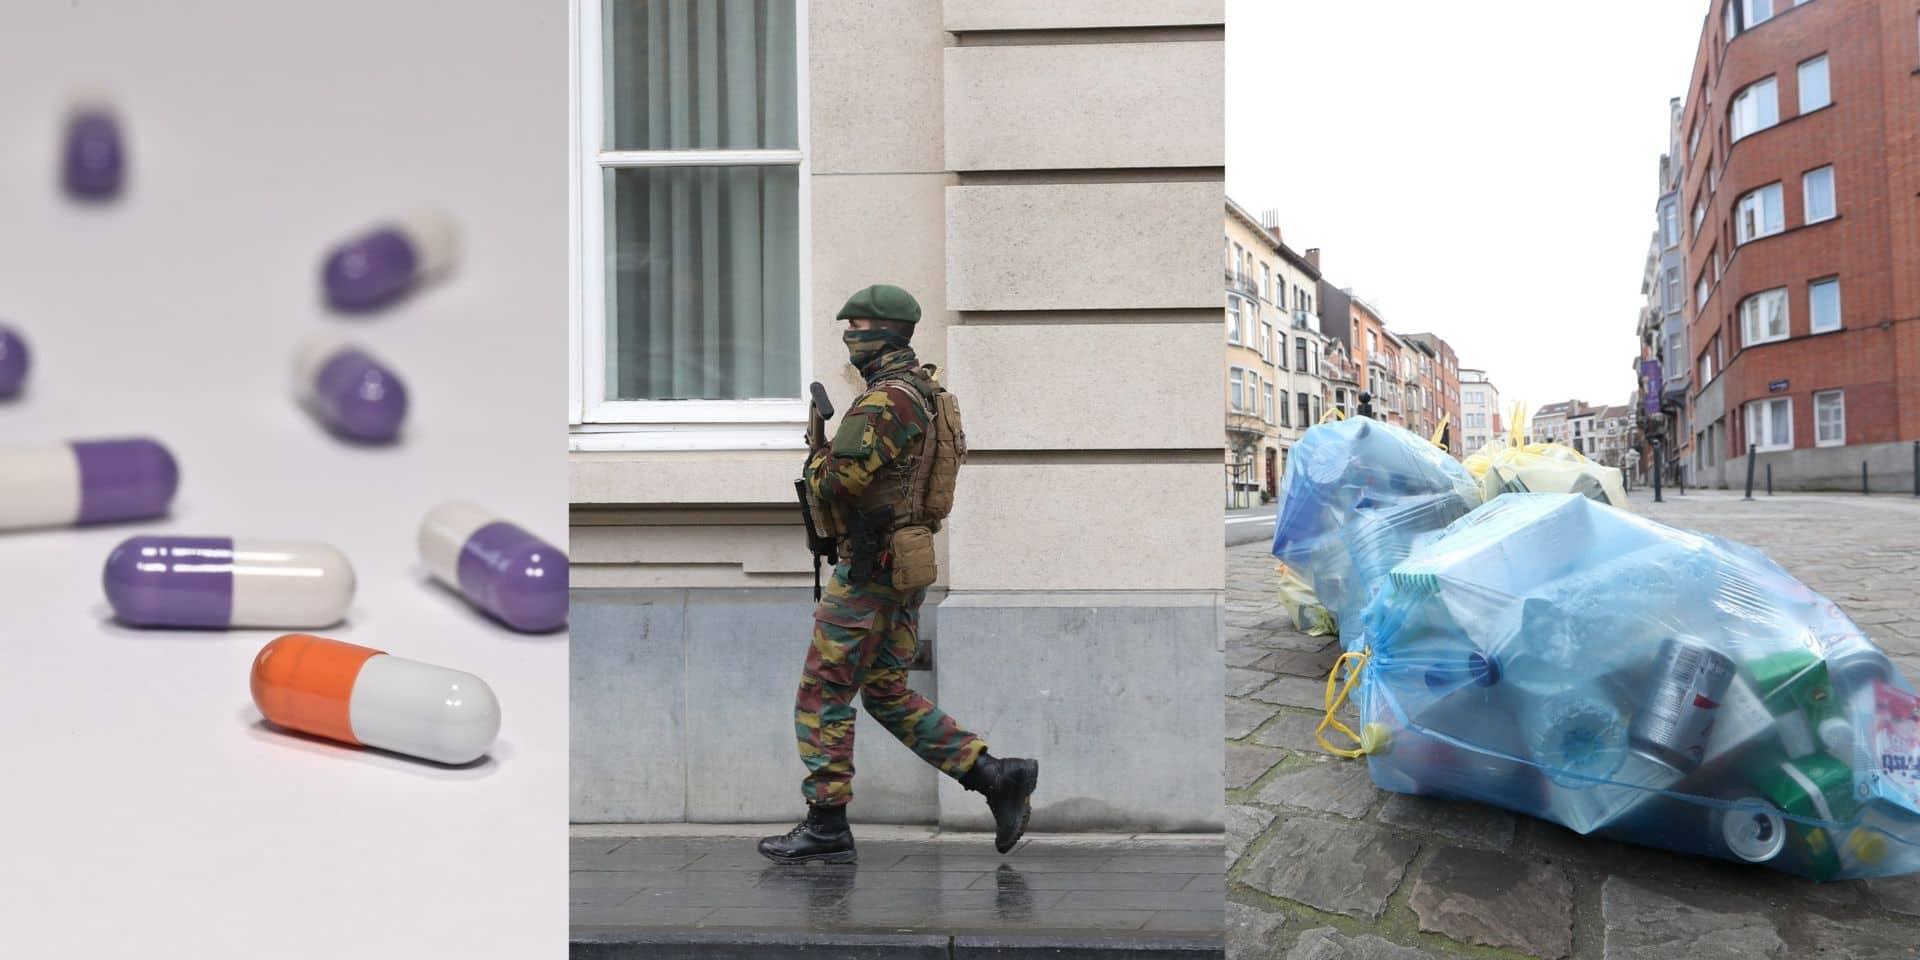 Sac poubelle, militaires en rue et médicaments remboursés: tout ce qui change ce 1er avril